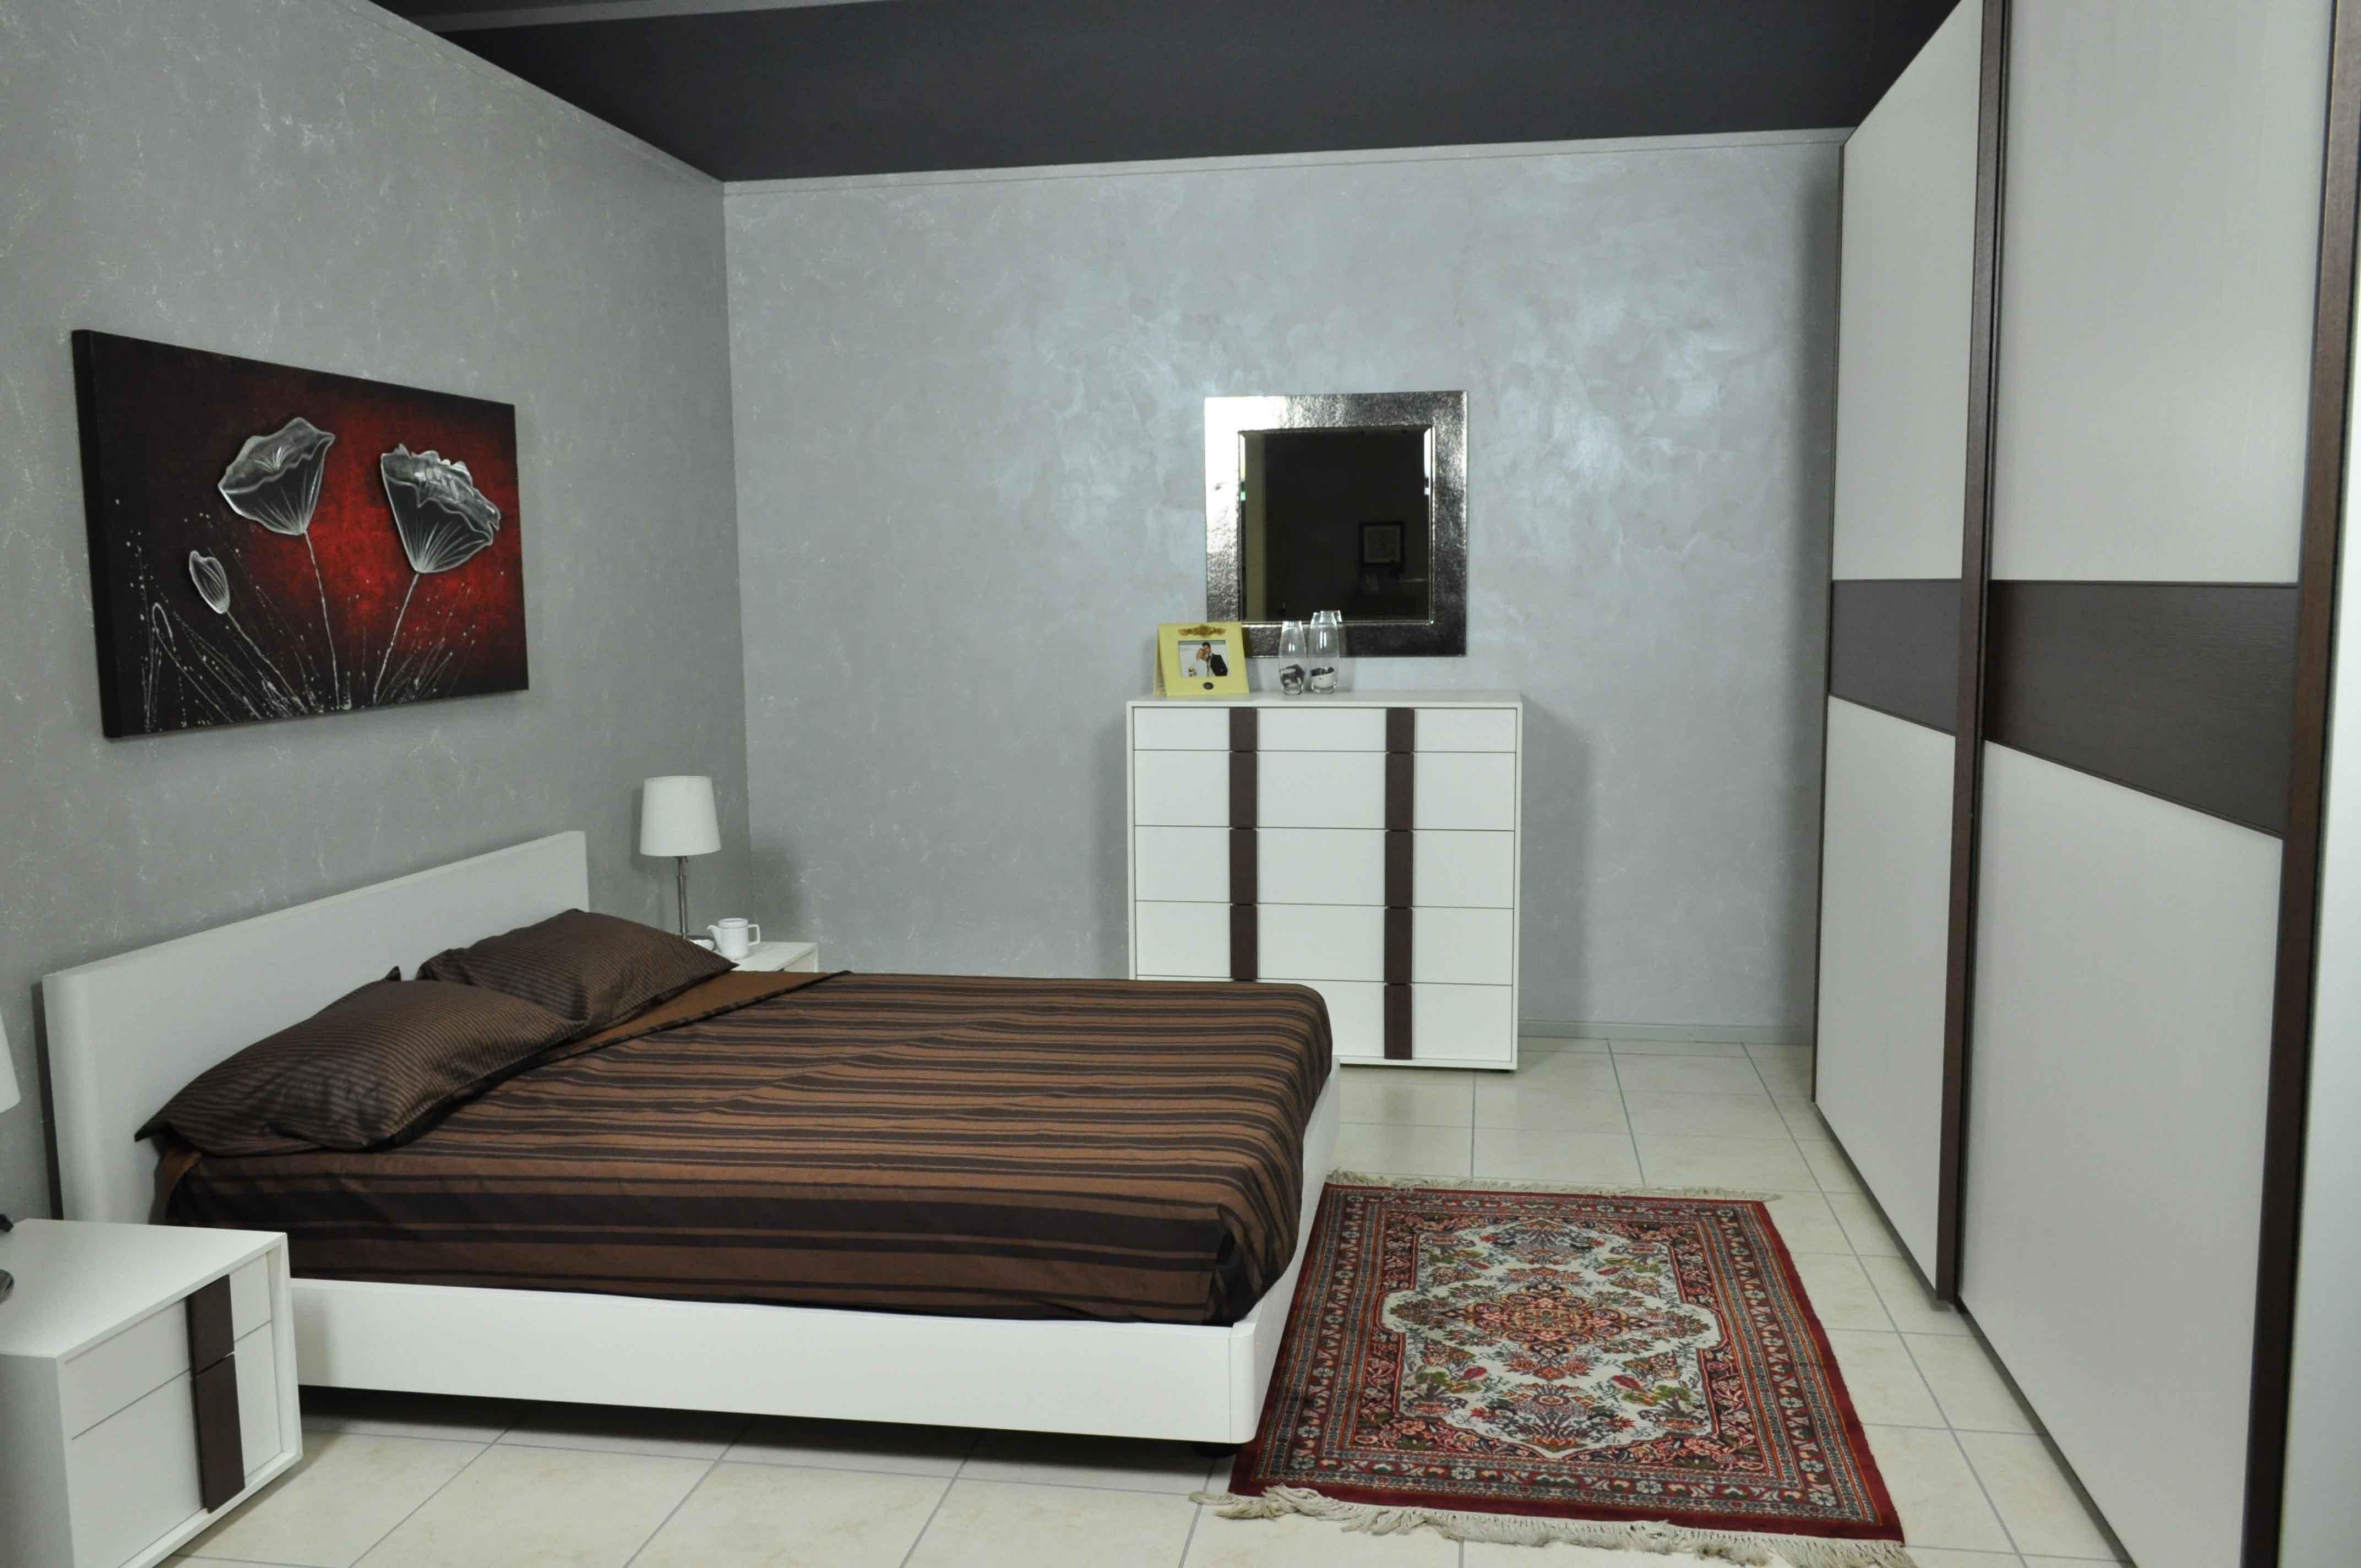 Camera matrimoniale completa di colombini vitalyty camere a prezzi scontati - Camere da letto rustiche matrimoniali ...